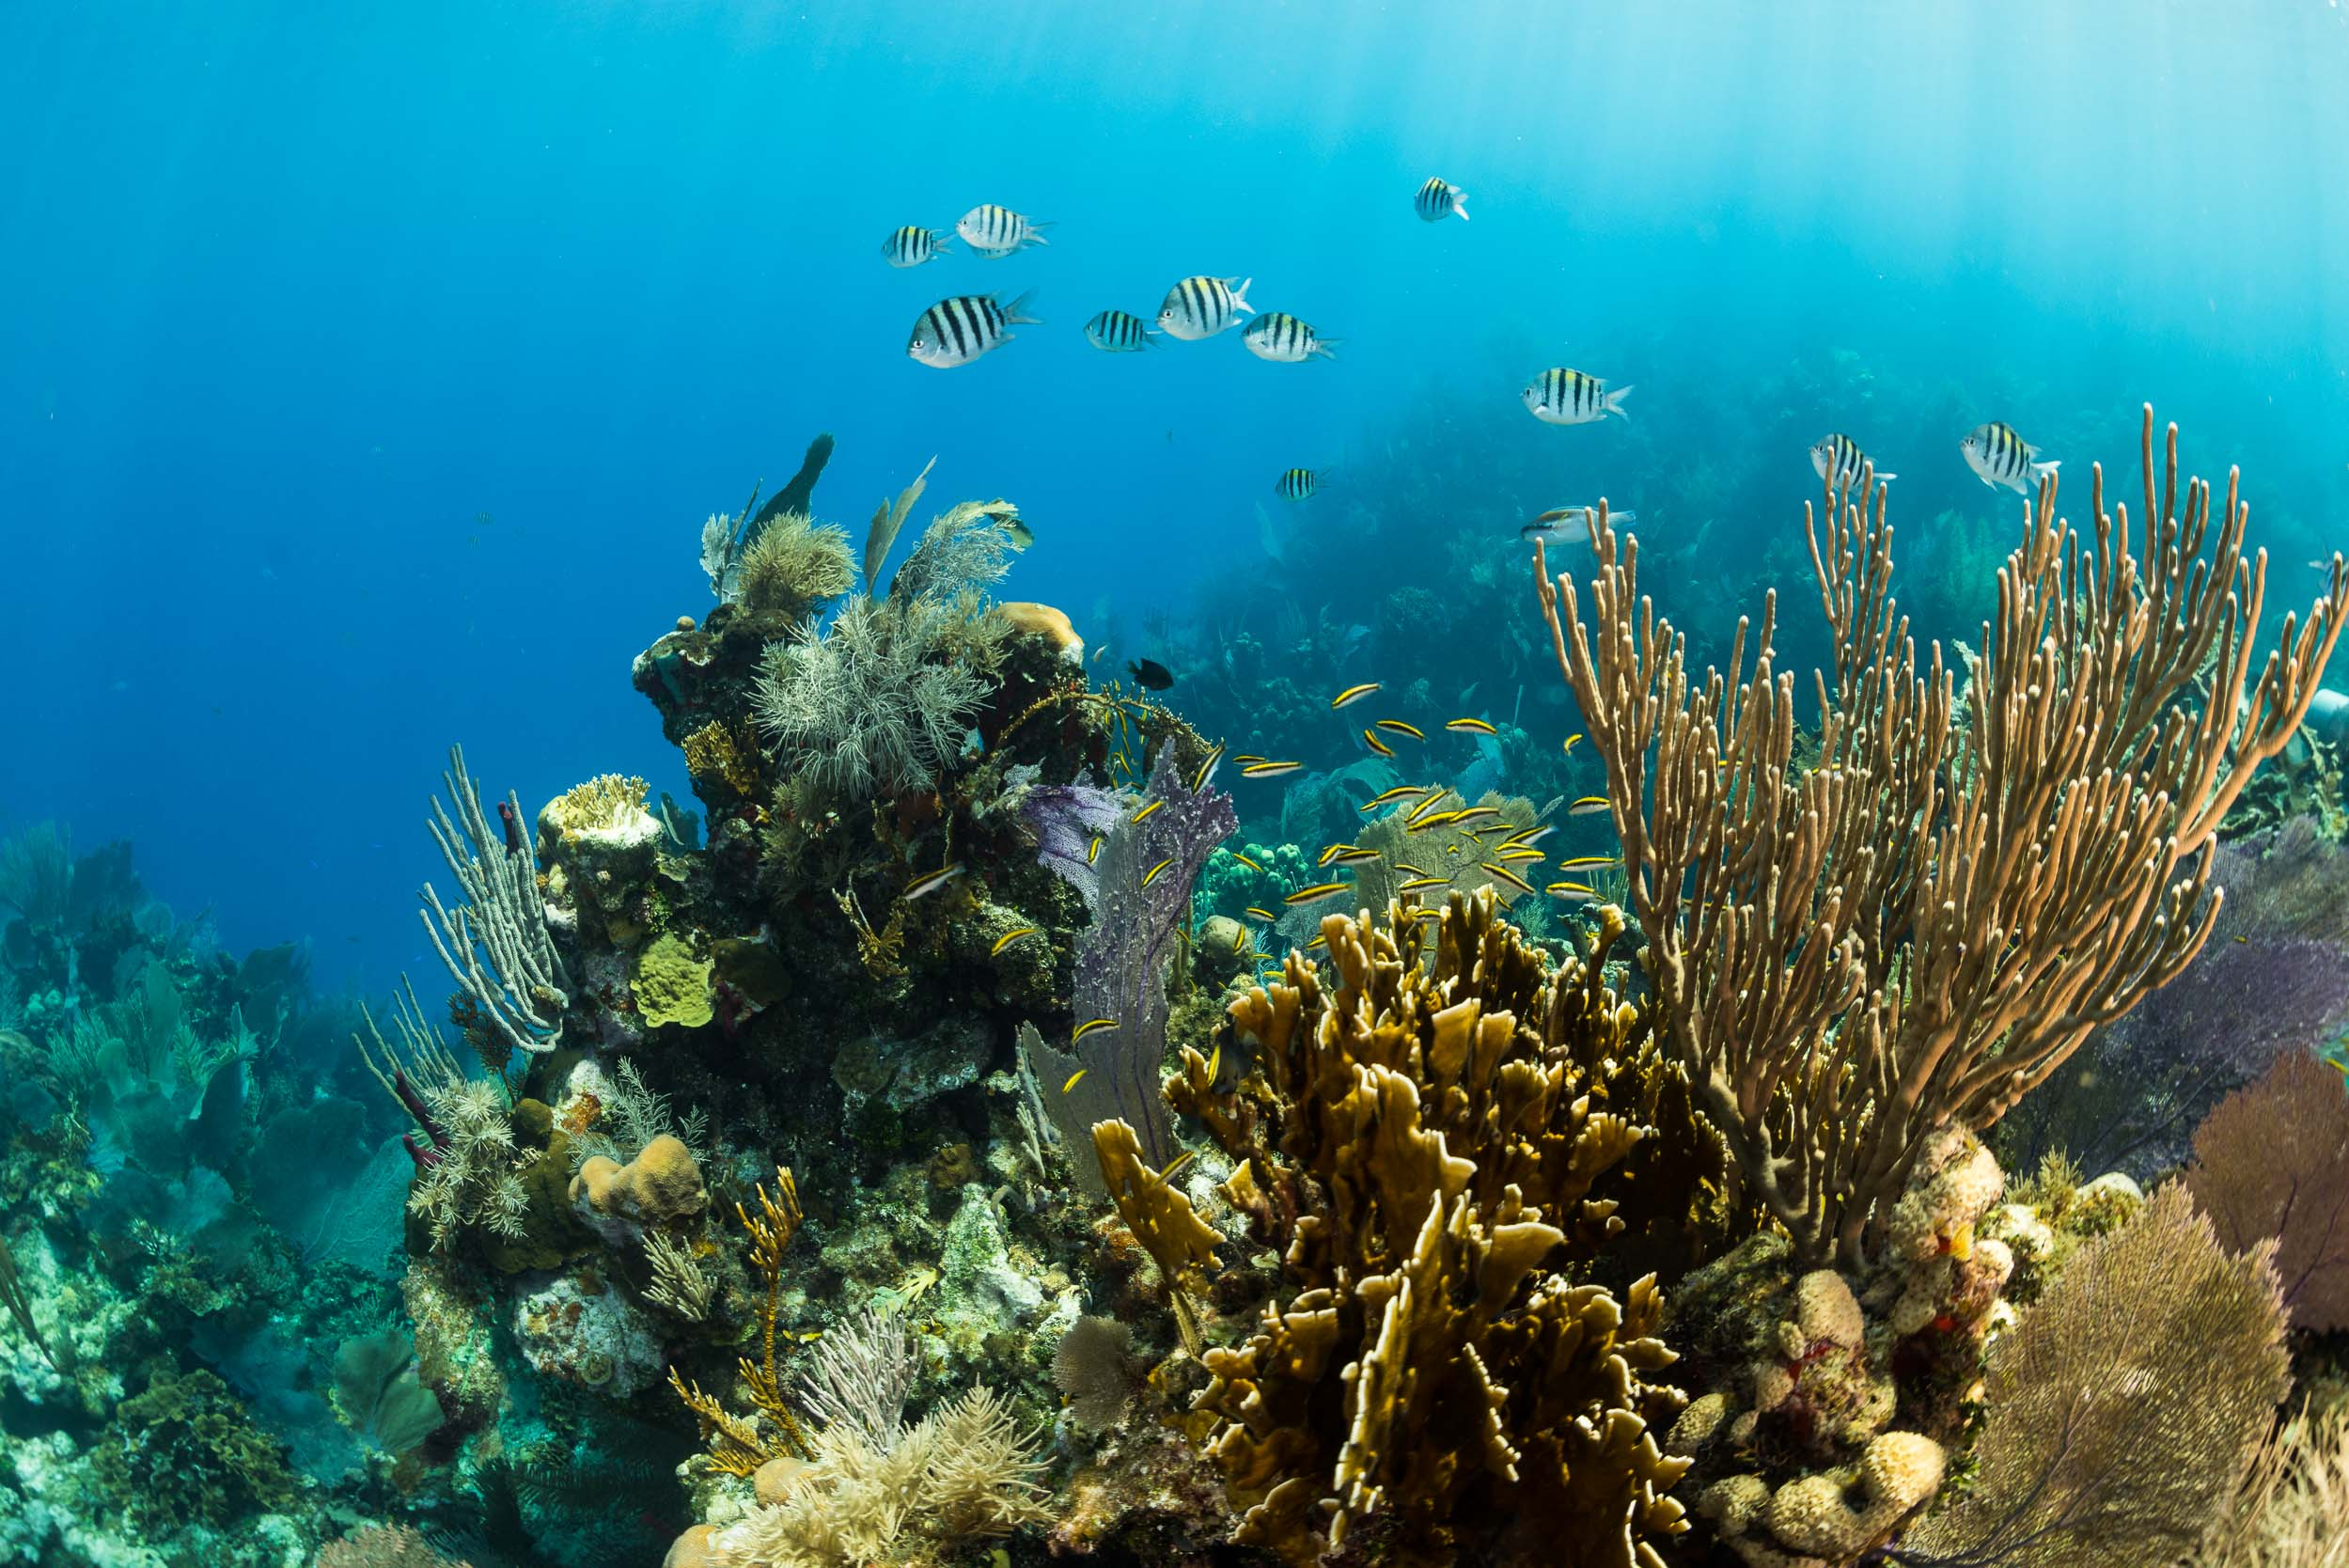 coral-reef-utila-honduras-2.jpg